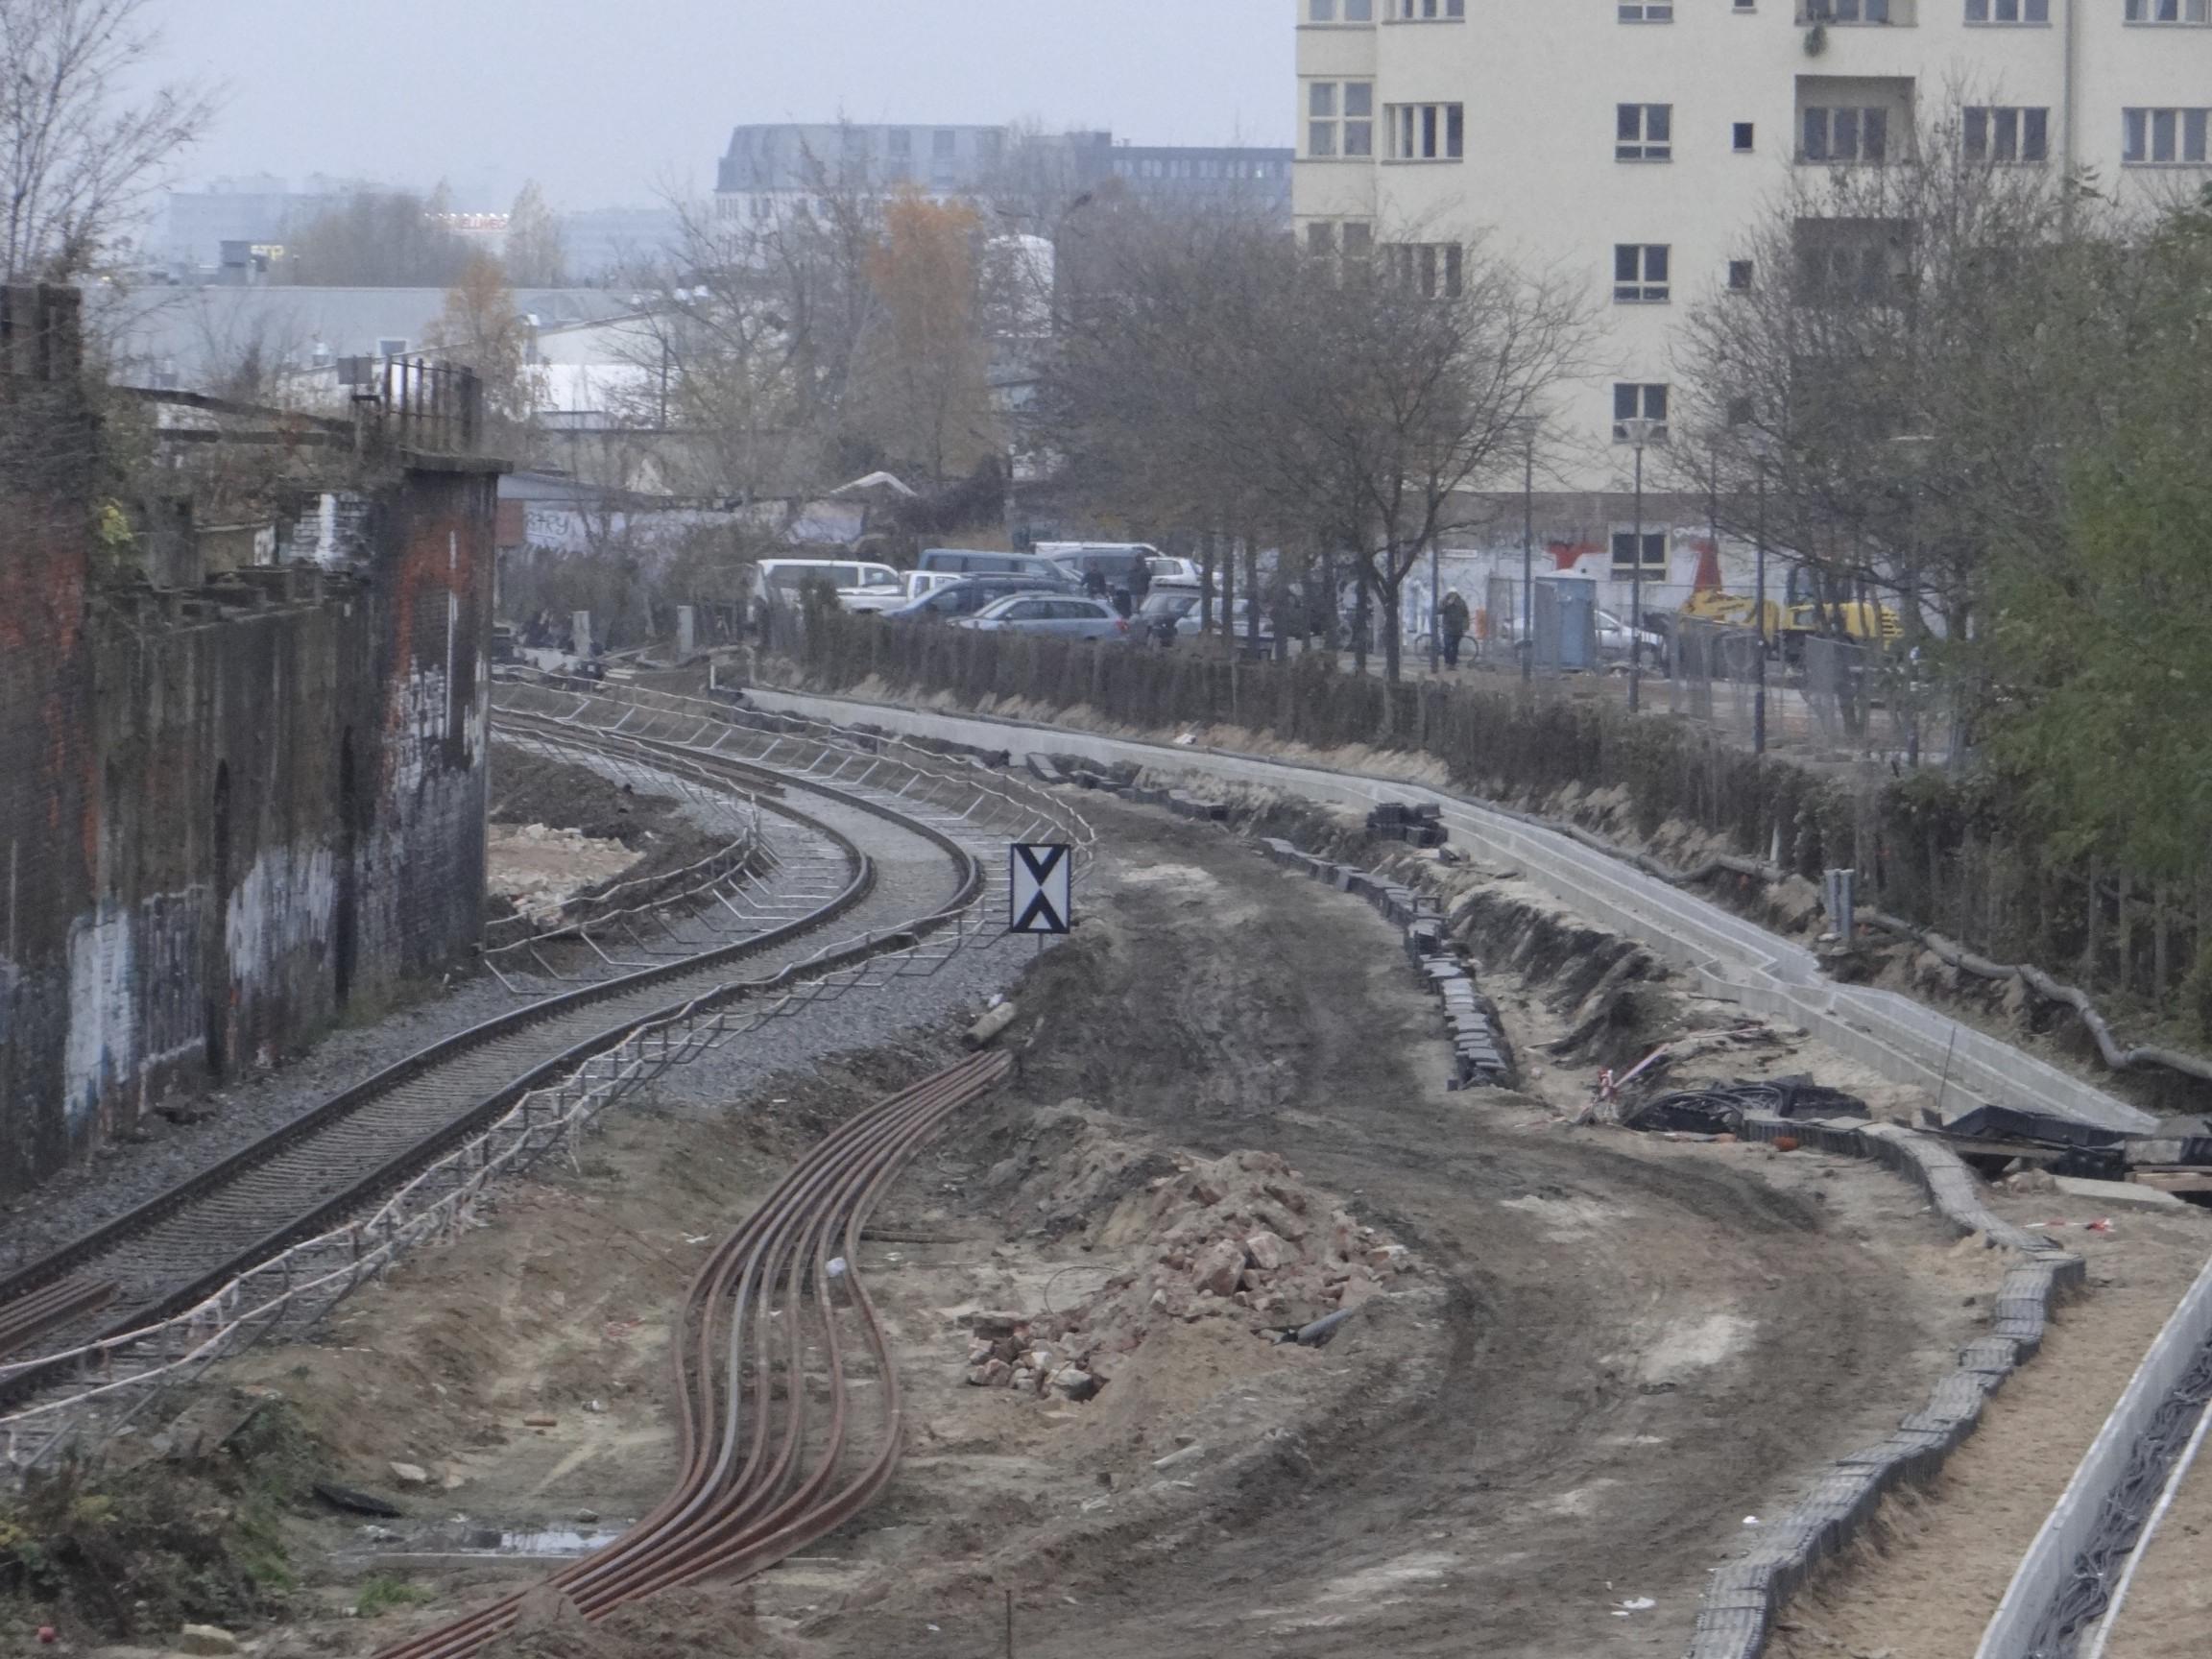 Kabeltrassen für die S-Bahn